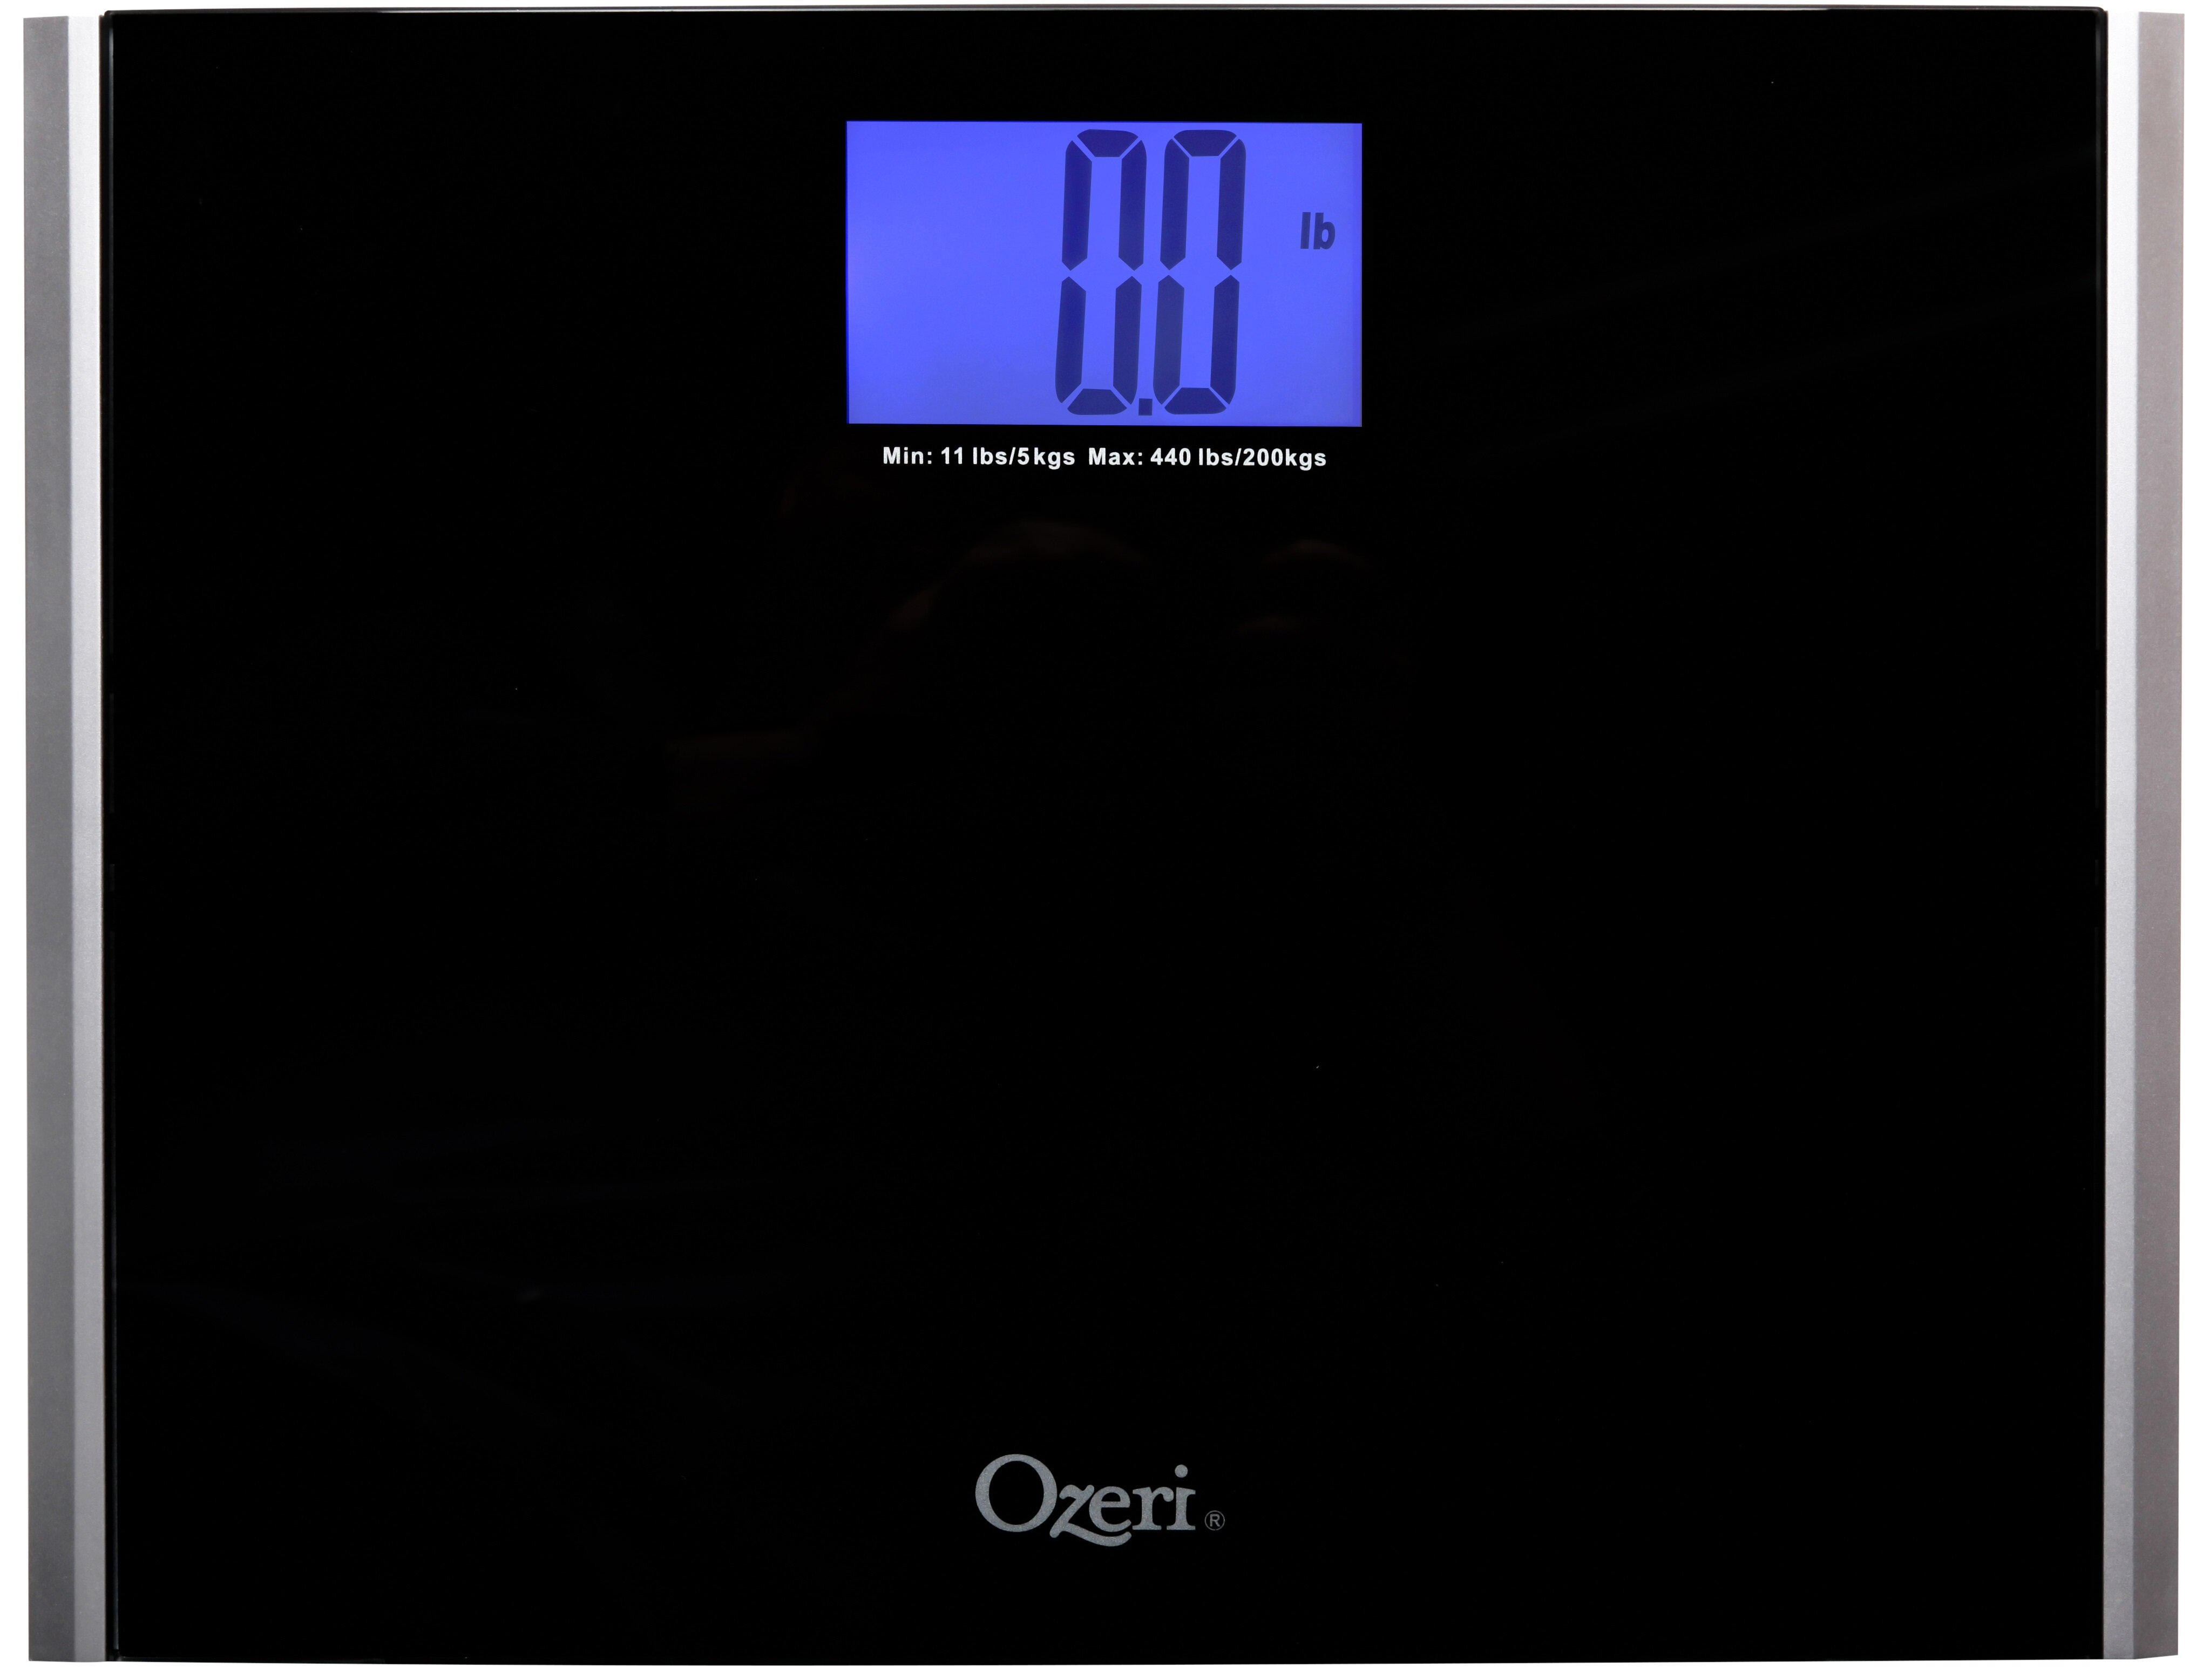 Ozeri Precision Pro II Digital Bath Scale